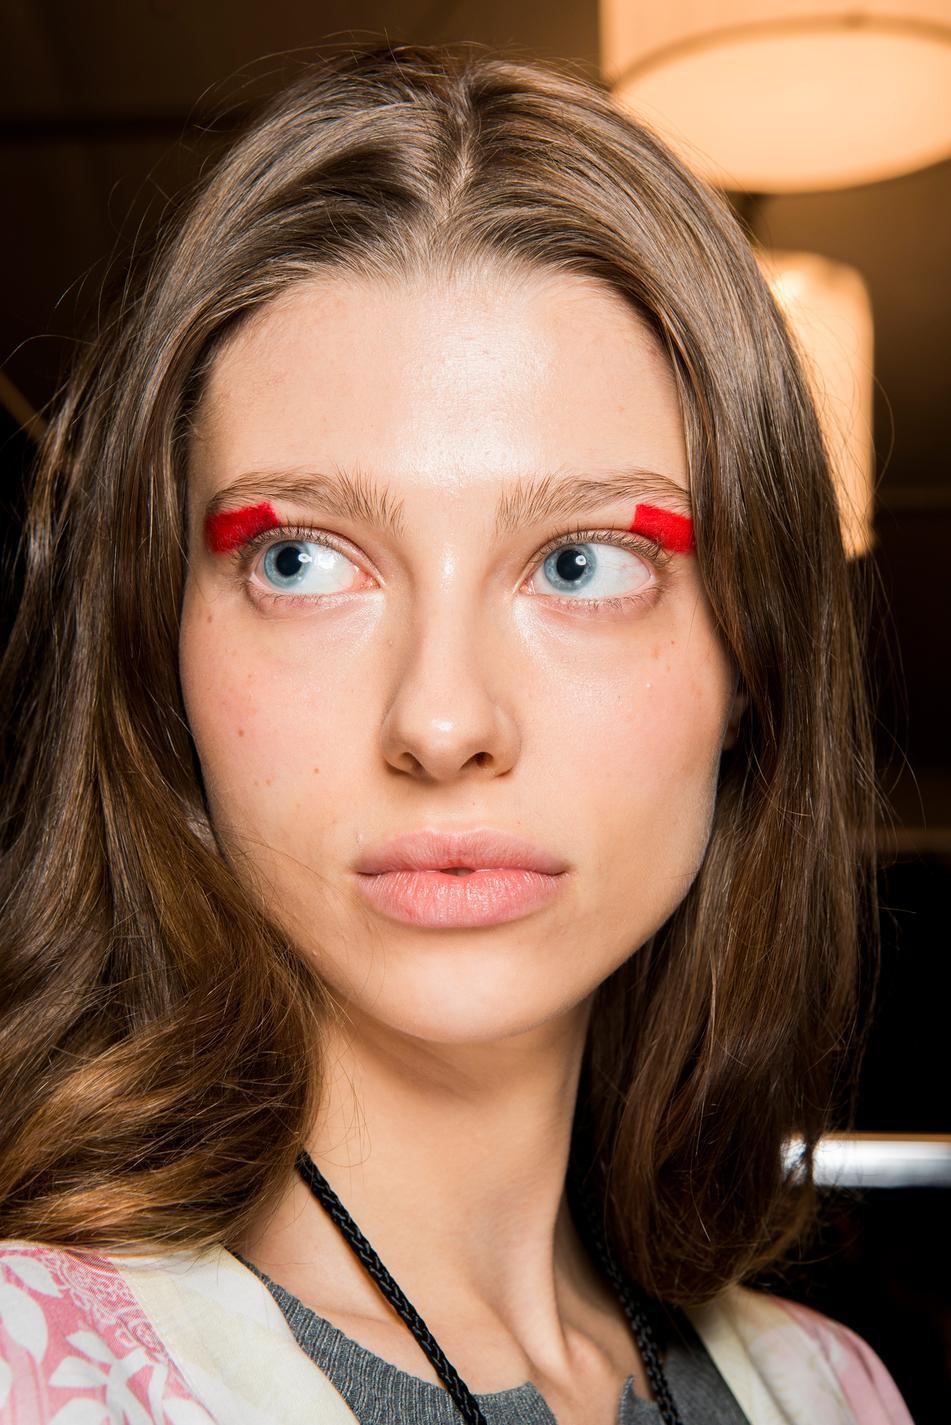 Модный красный макияж